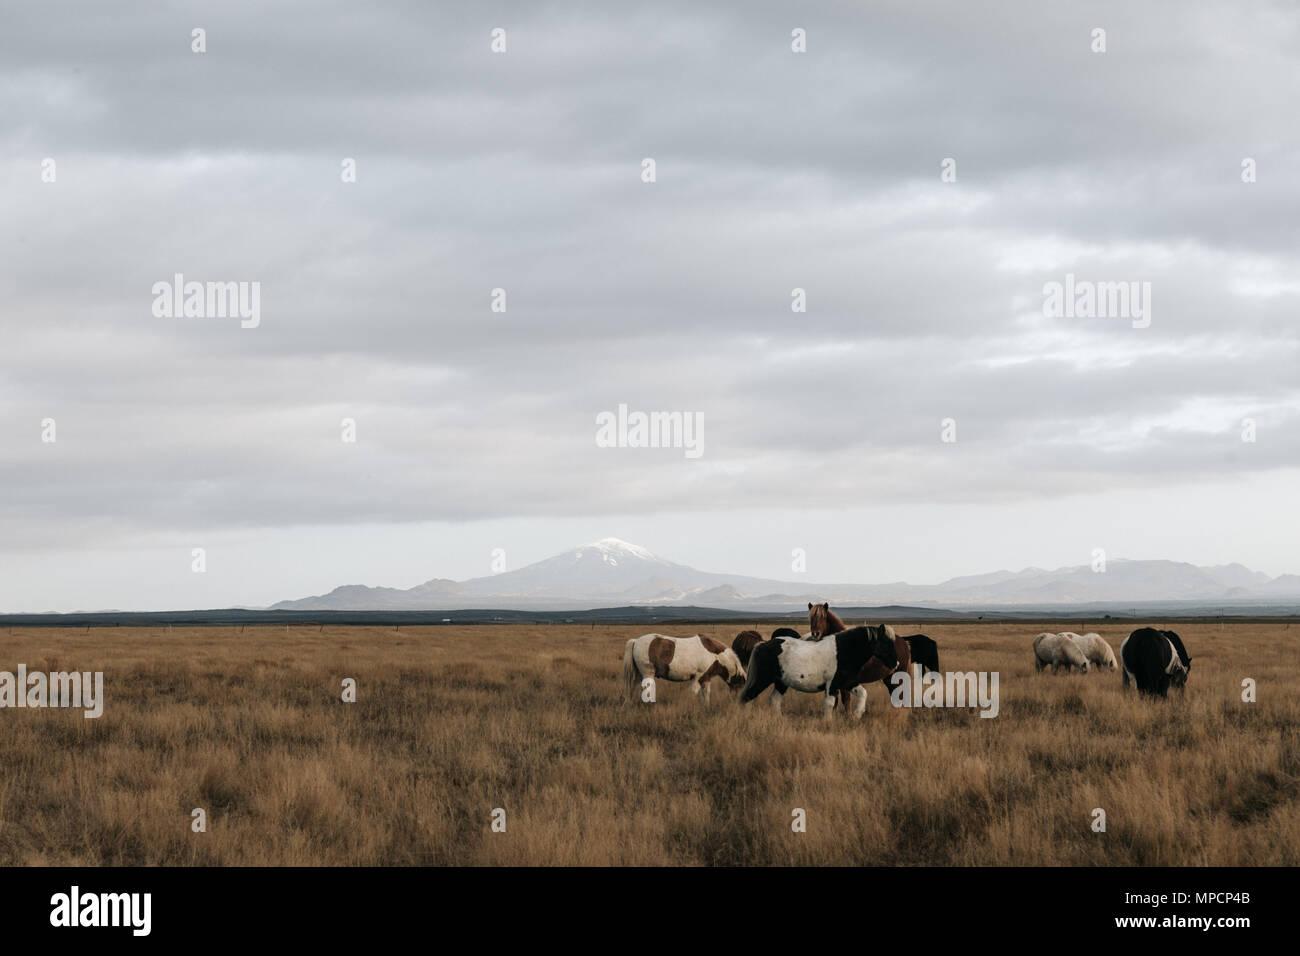 Wild horses iceland - Stock Image